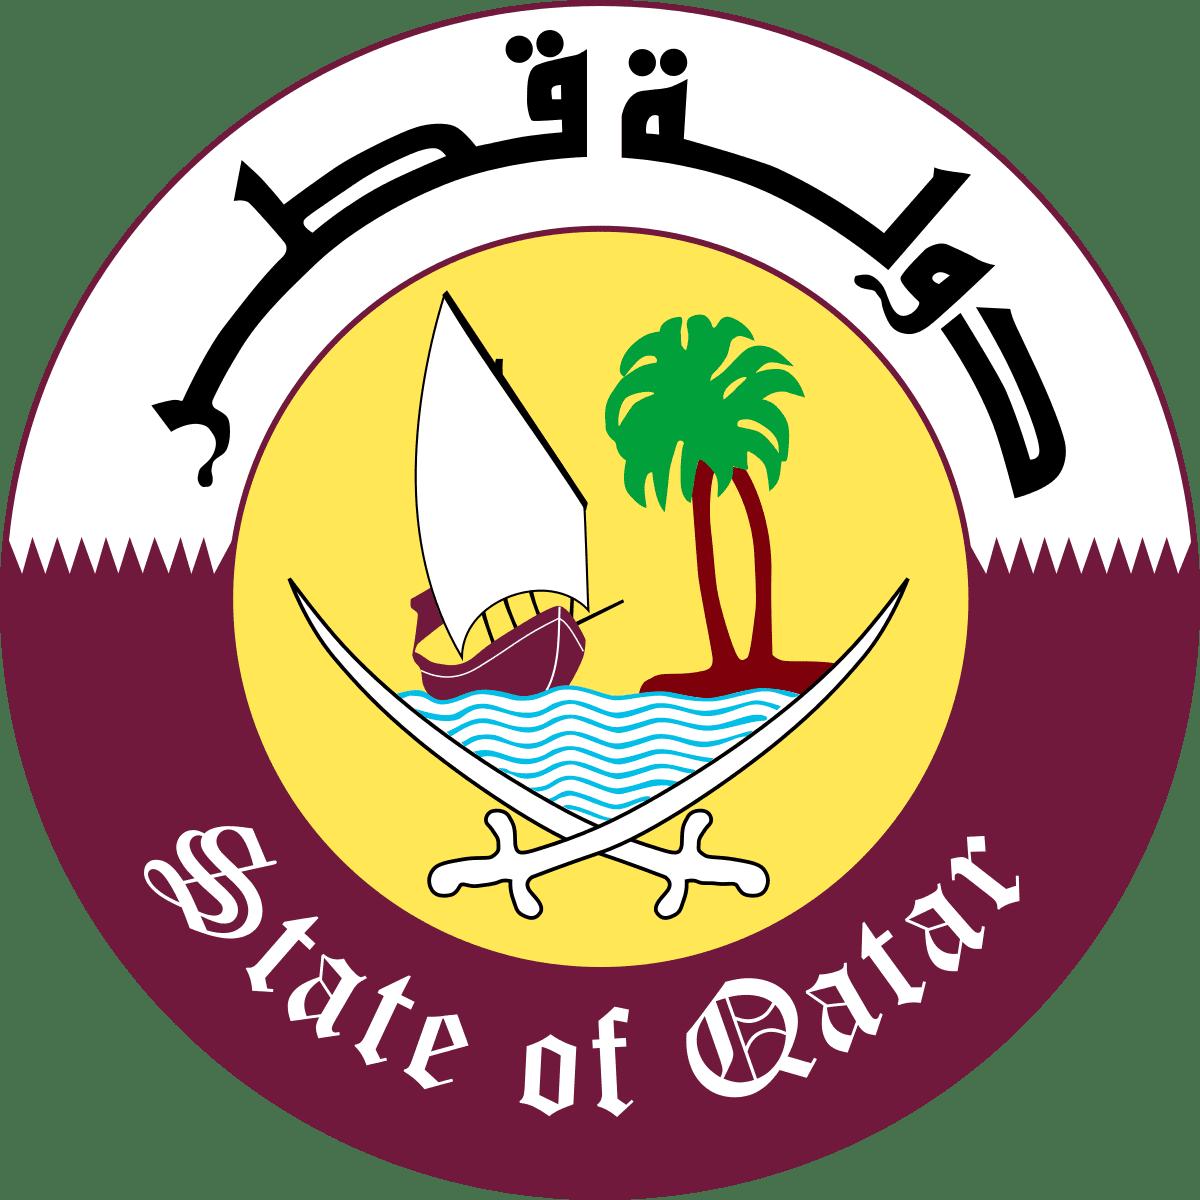 وظائف شاغرة للعمل في دولة قطر في التخصصات التالية